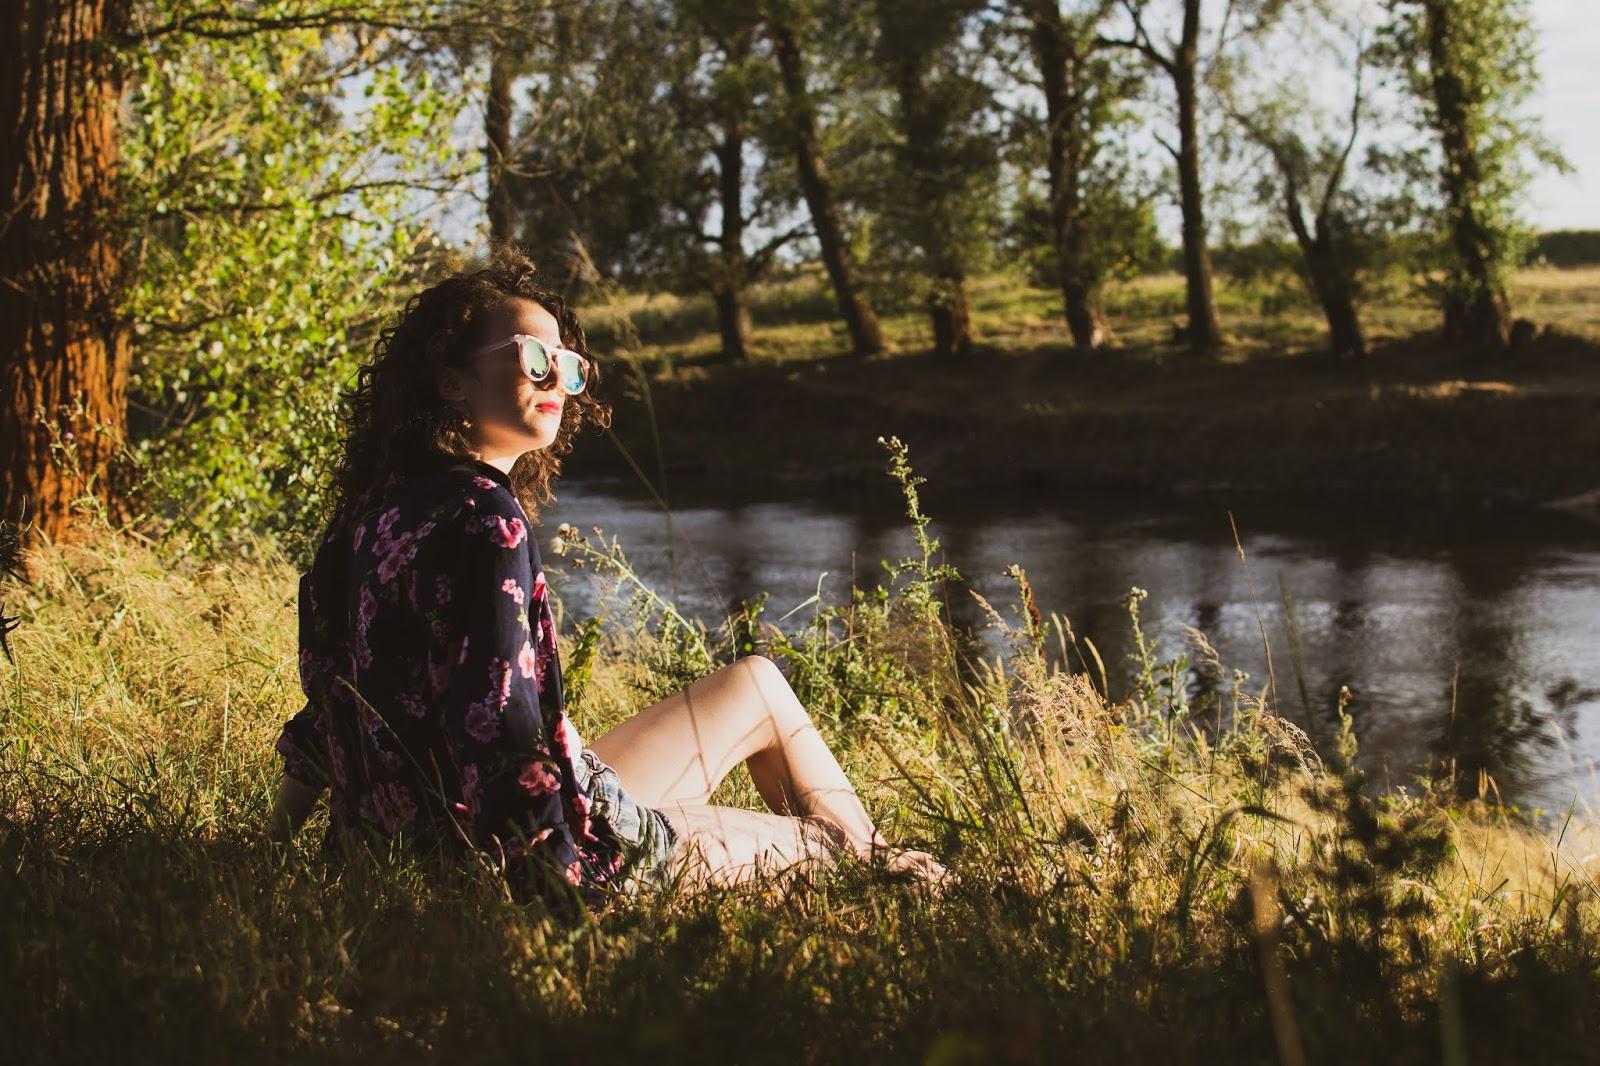 zoio, zoiogirl, zakreecona, blog modowy, blog lifestylowy, blog podróżniczy, happy, kręcone włosy